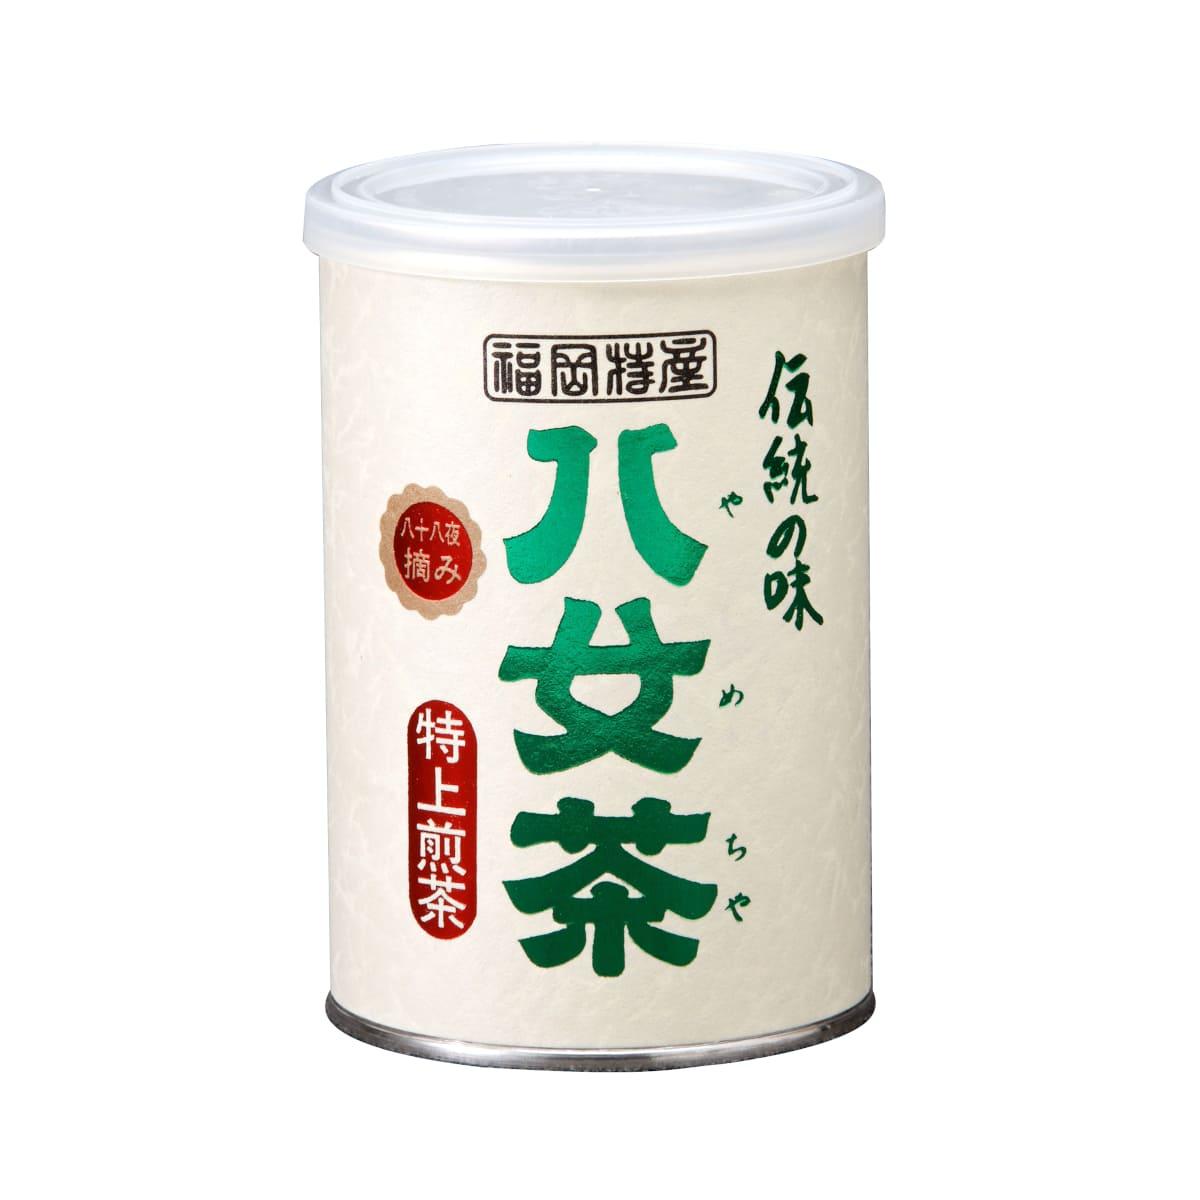 【ニ】特上煎茶(缶) 100g